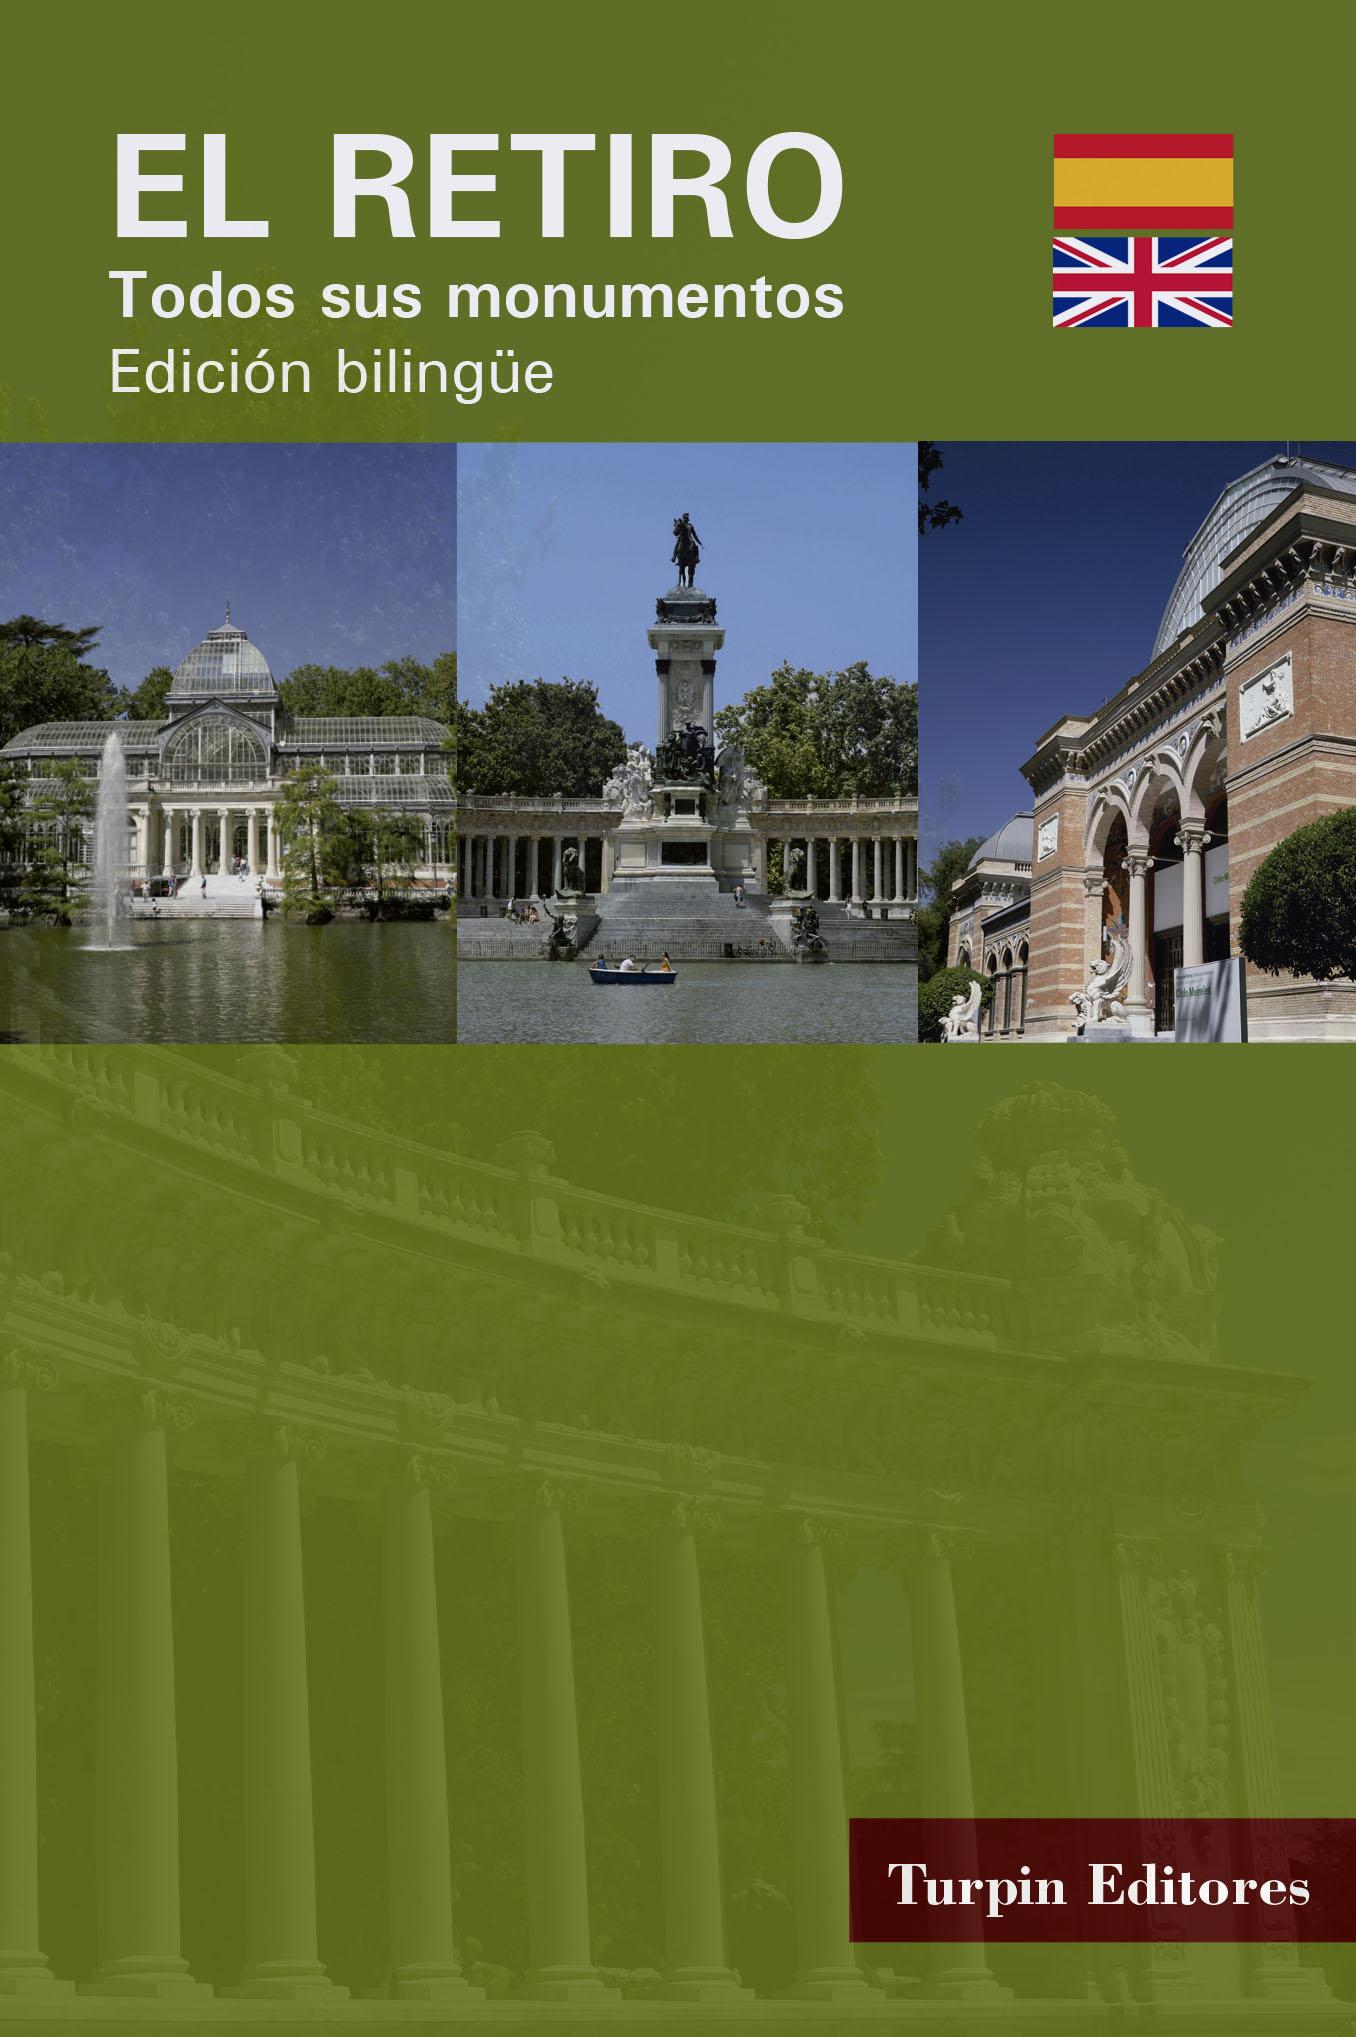 El Retiro, todos sus monumentos. Edición bilingüe Mariano Domínguez Alcocer